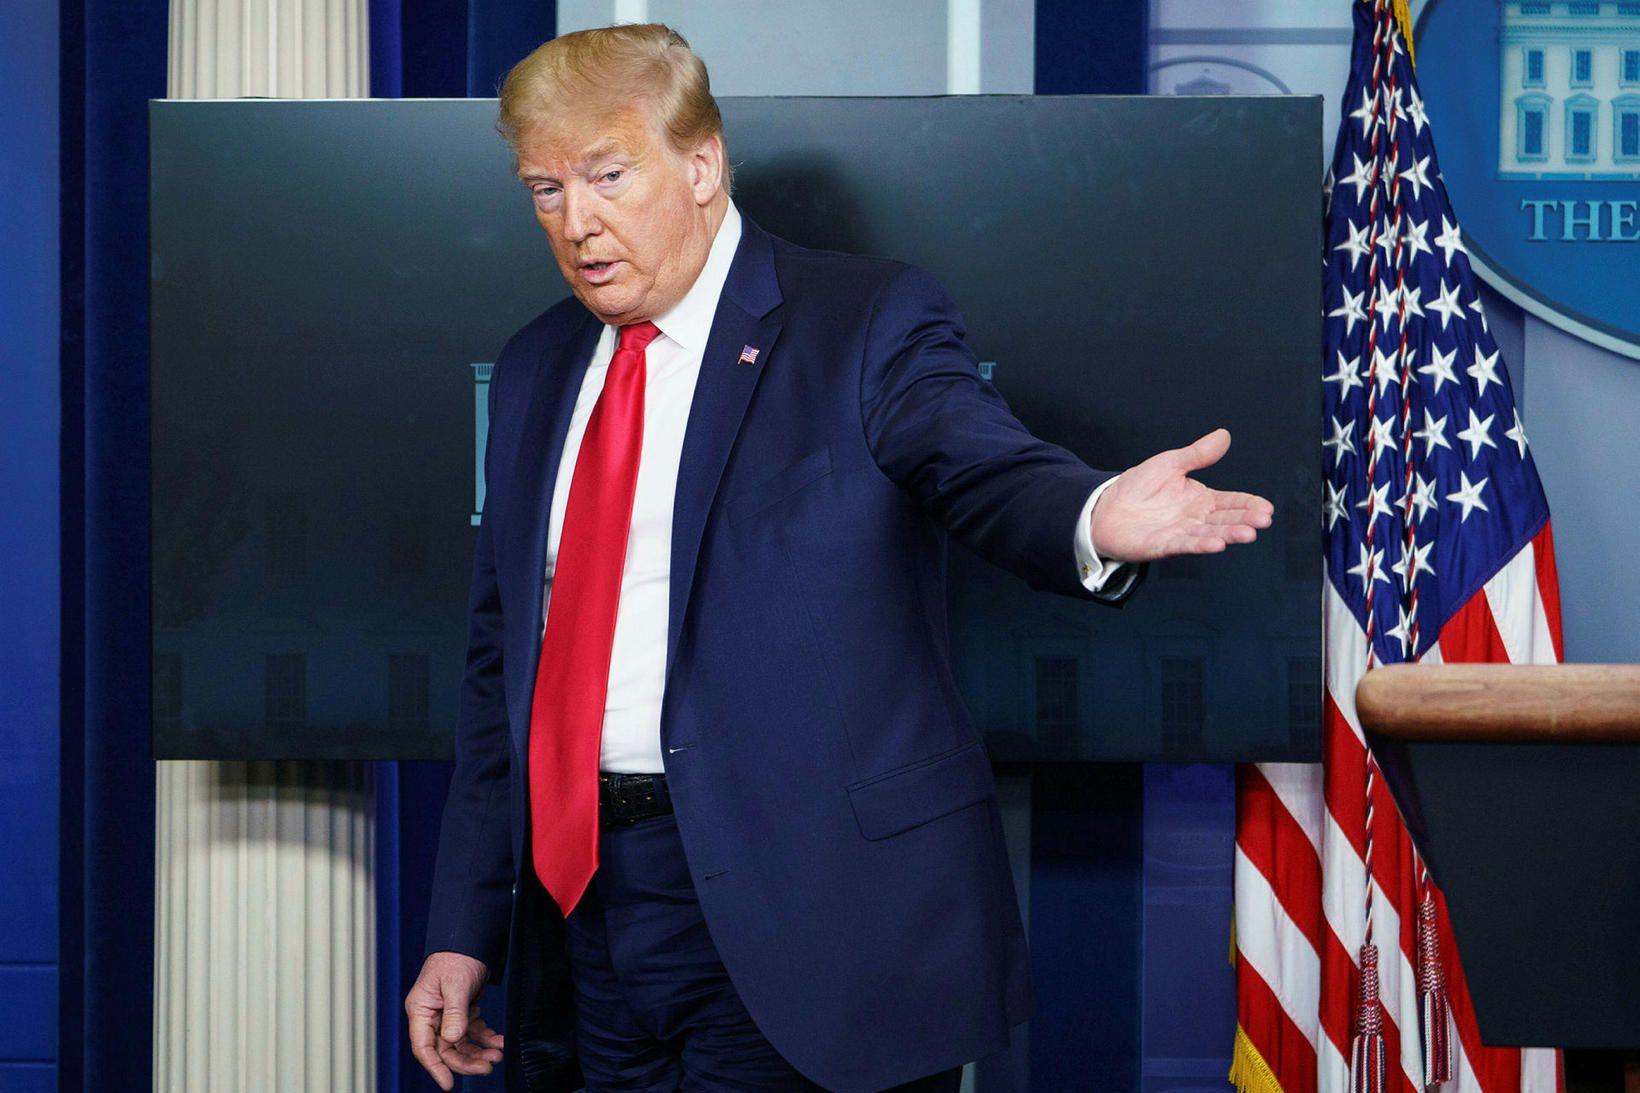 Sérstaka athygli vakti svo þegar Donald Trump Bandaríkjaforseti sagðist taka …